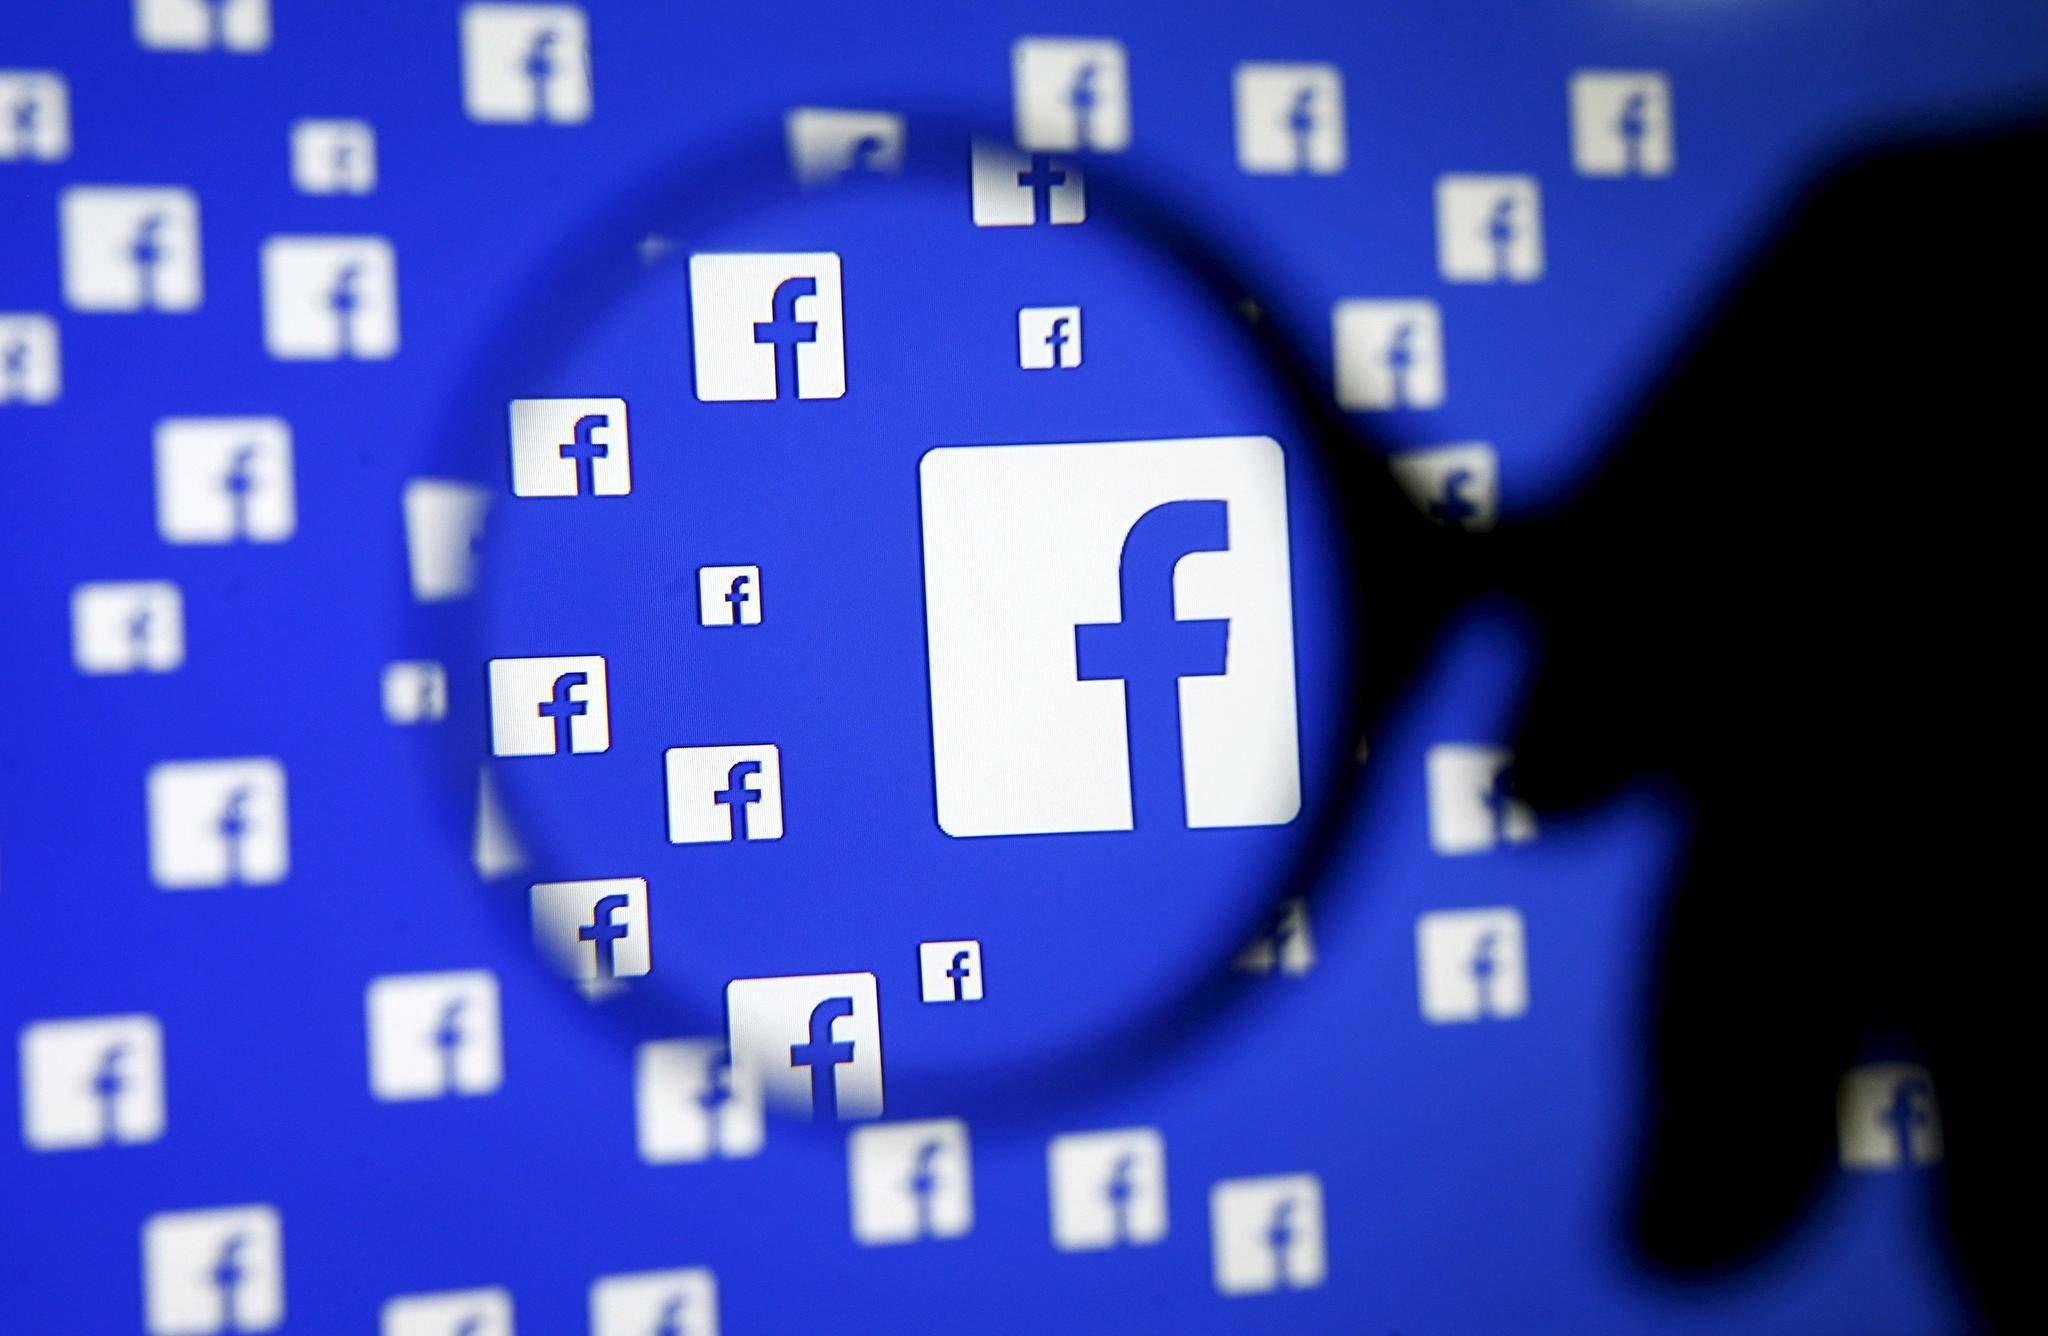 Facebook is dow jones industrial averages 323 billion omission facebook is dow jones industrial averages 323 billion omission the globe and mail biocorpaavc